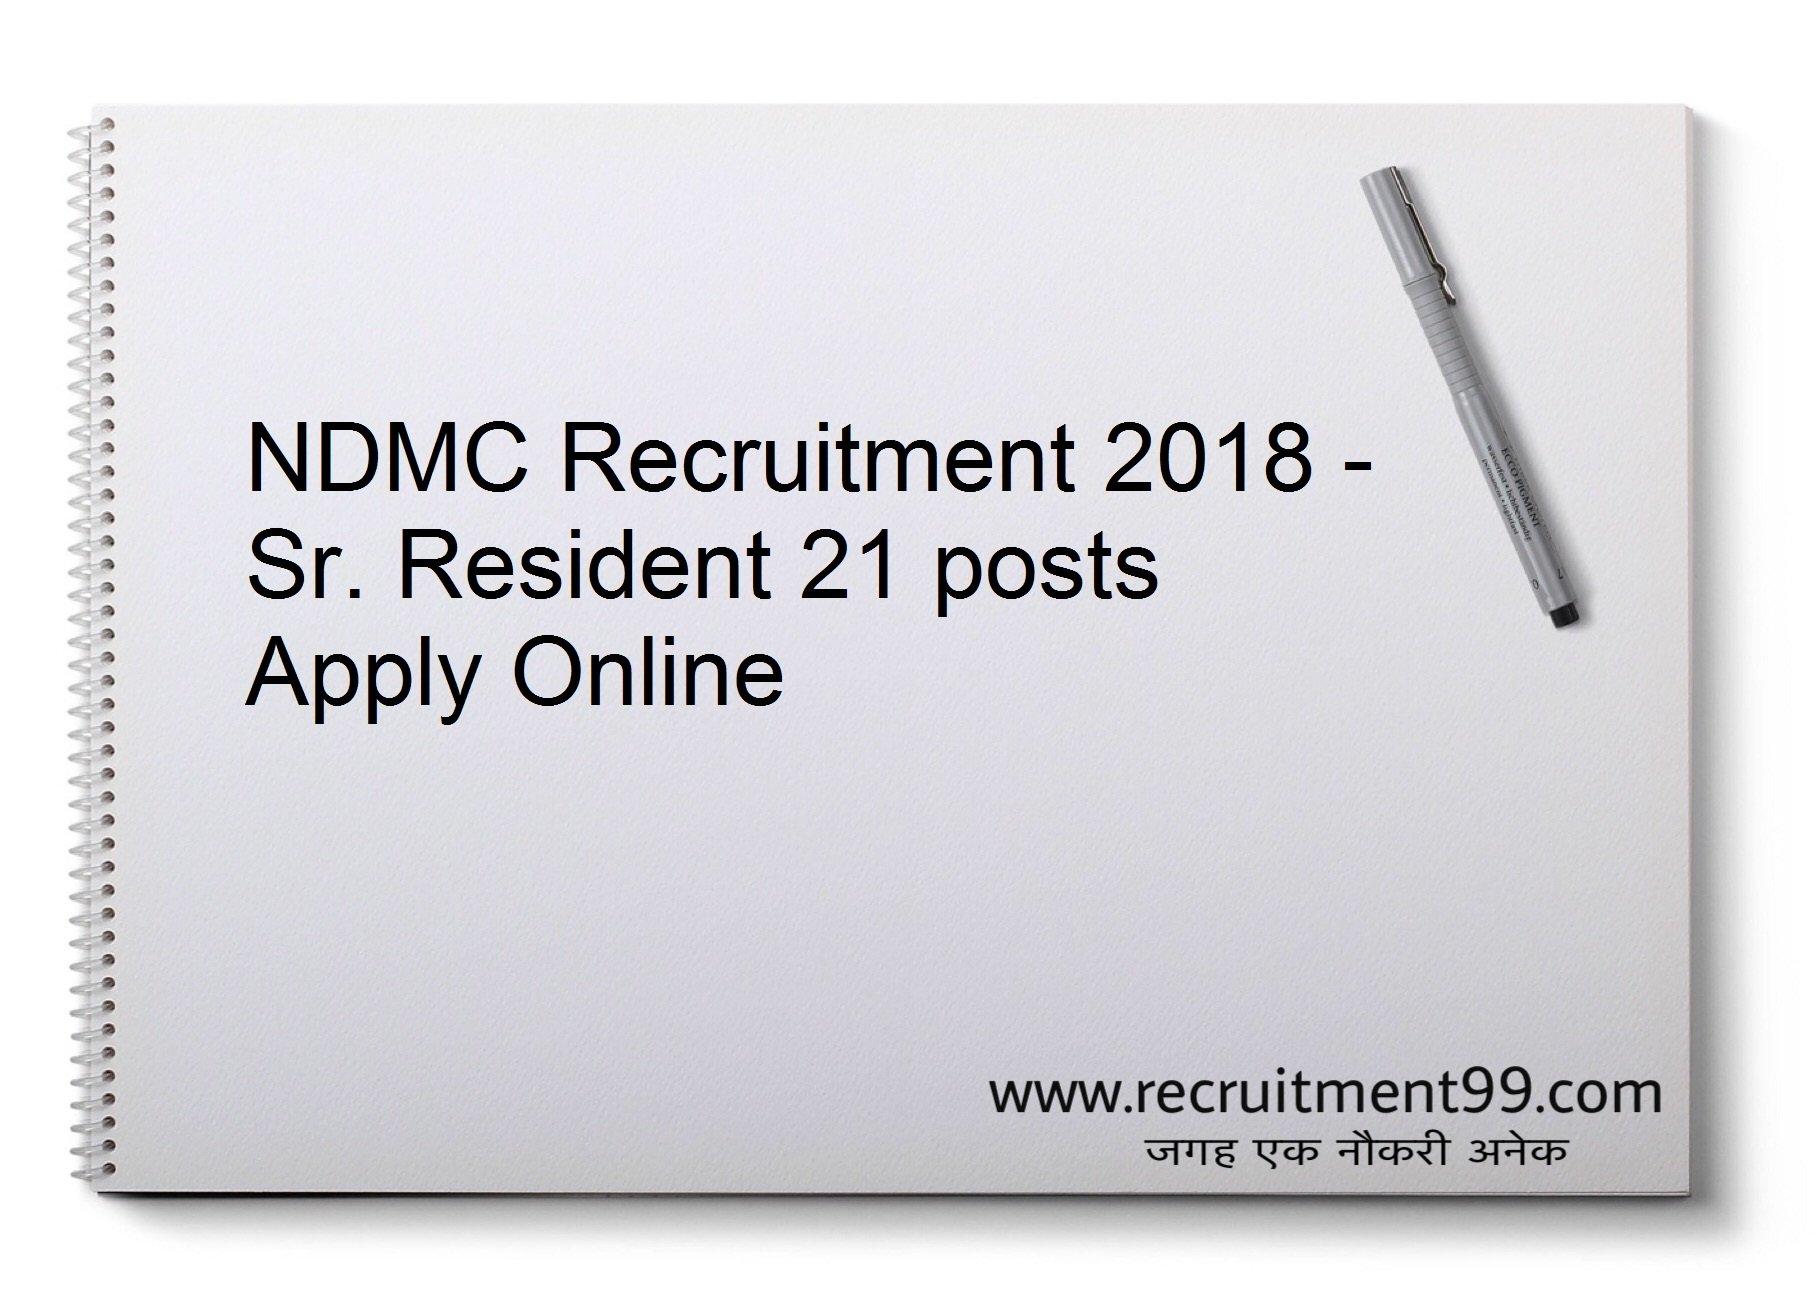 NDMC Senior Resident Recruitment Admit card Result 2018